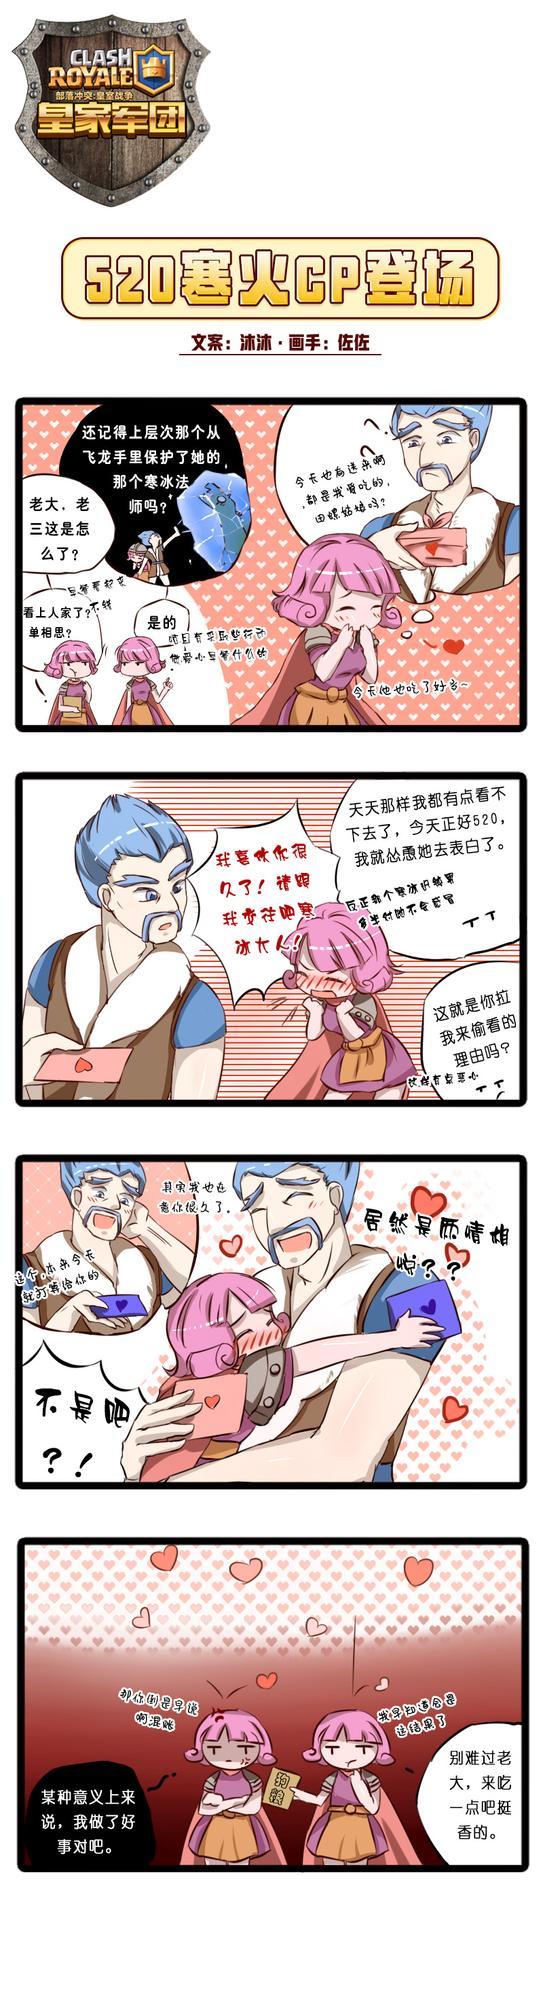 四格【520寒火CP登场】